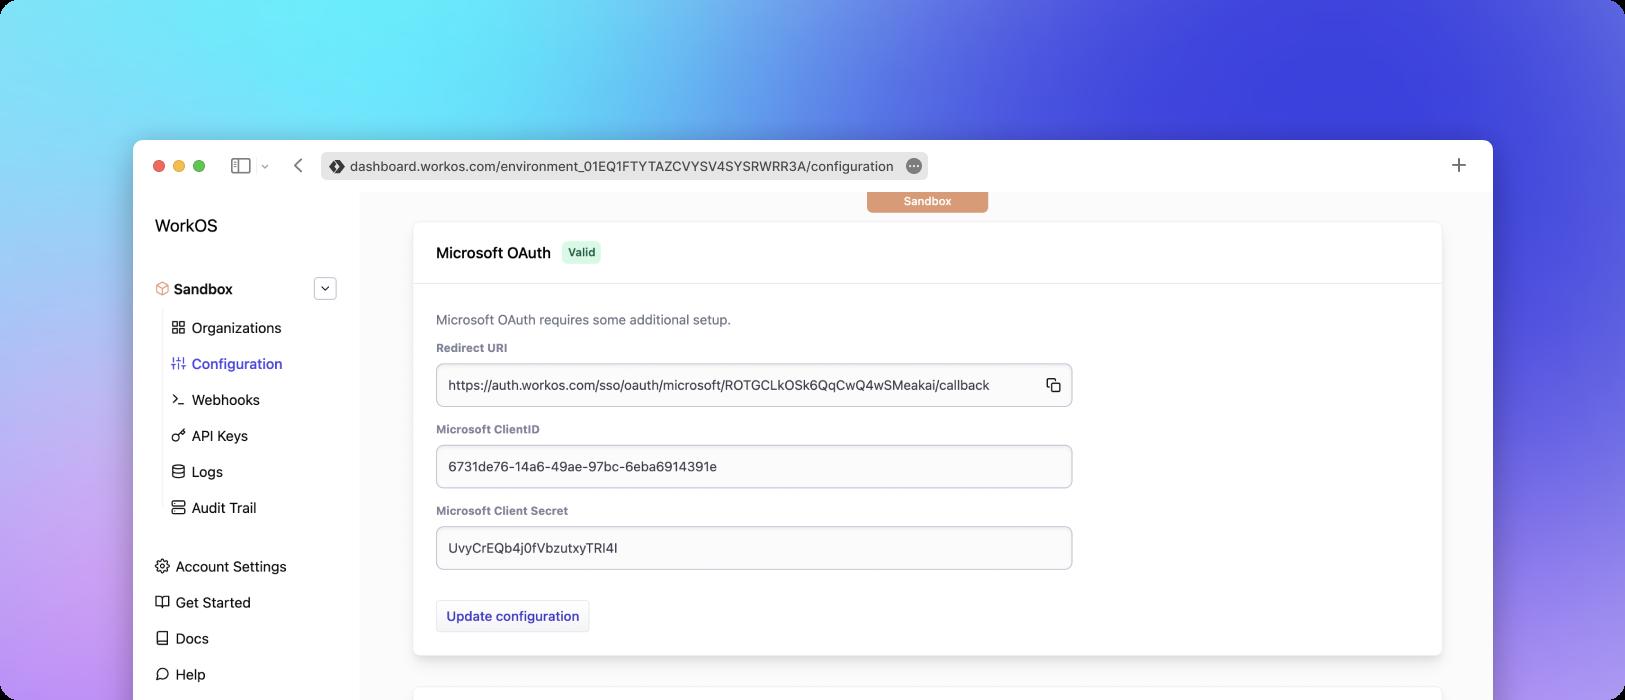 New integrations: HiBob & Microsoft OAuth